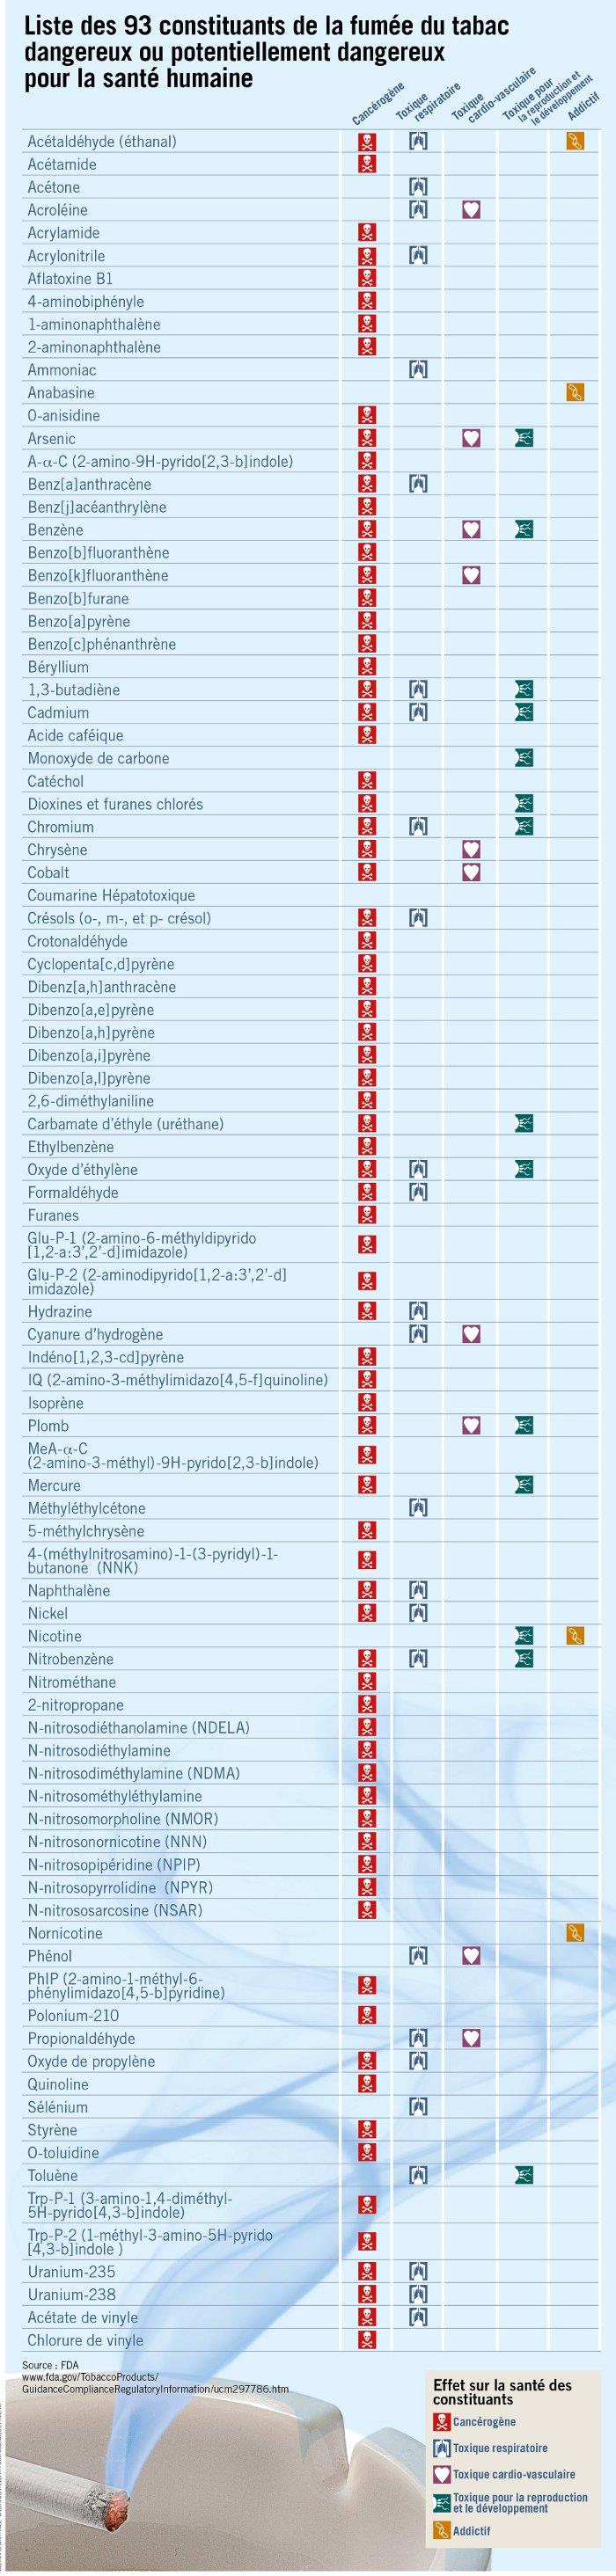 Liste des 93 constituants de la fumée de tabac dangereux ou potentiellement dangereux pour la santé humaine.